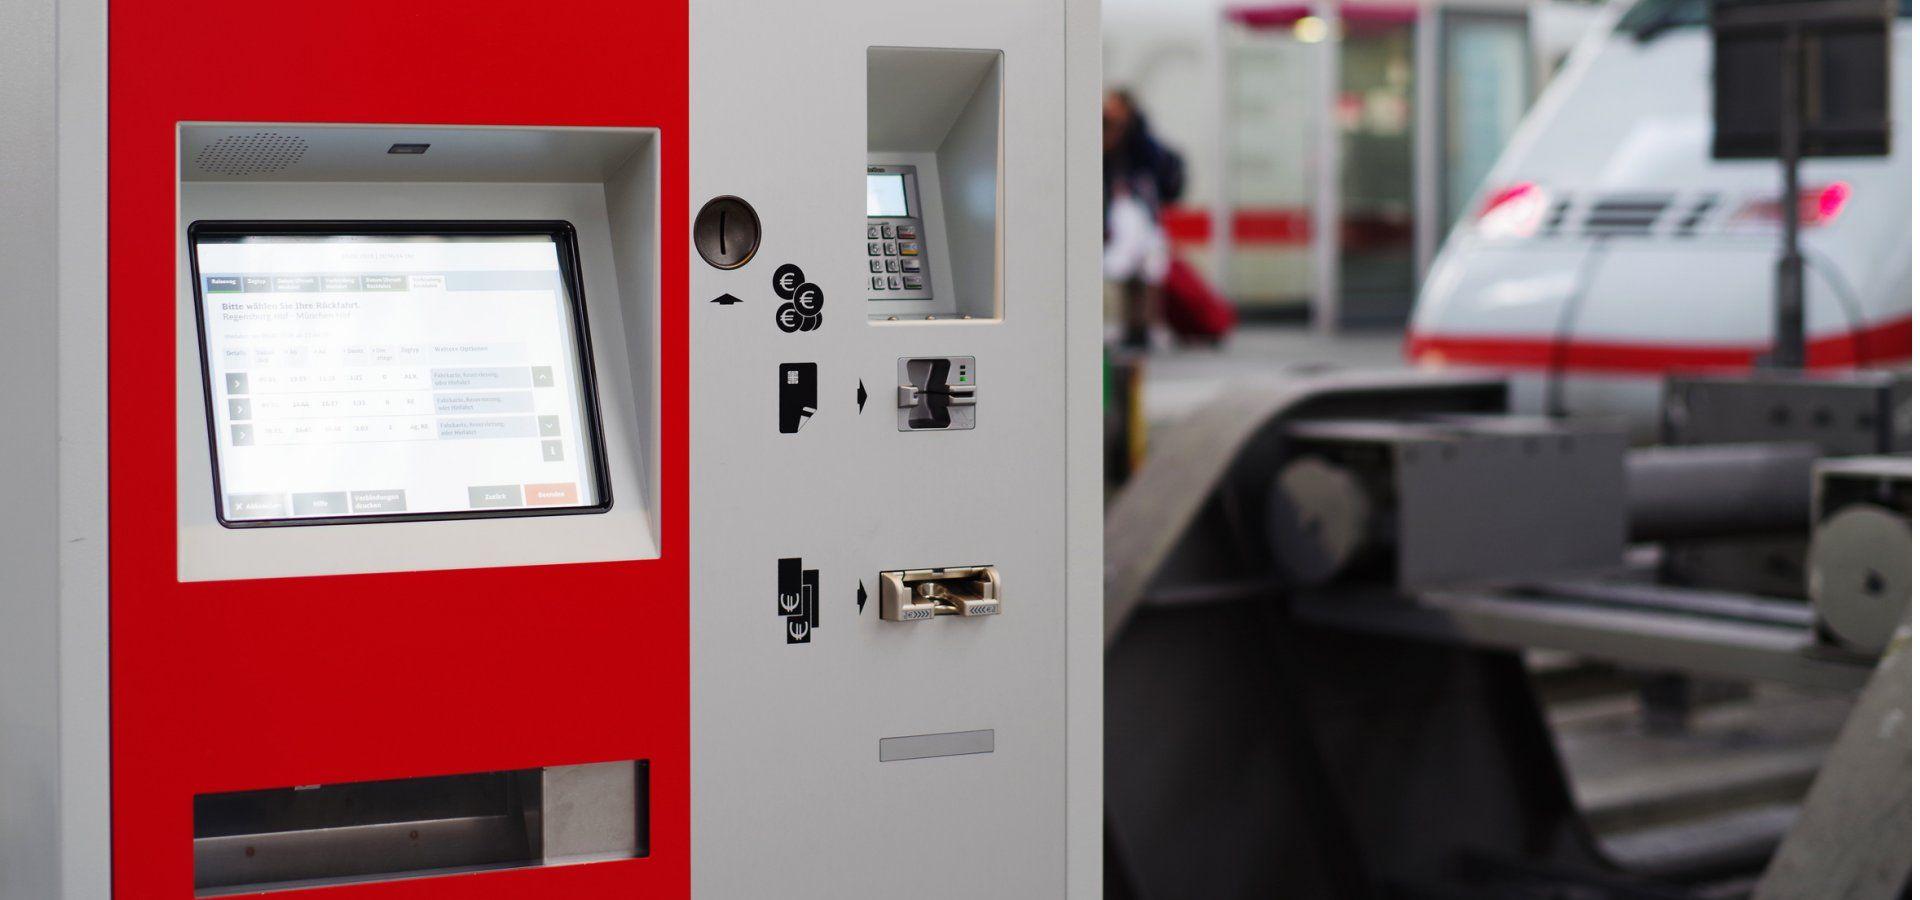 Ticketing machine